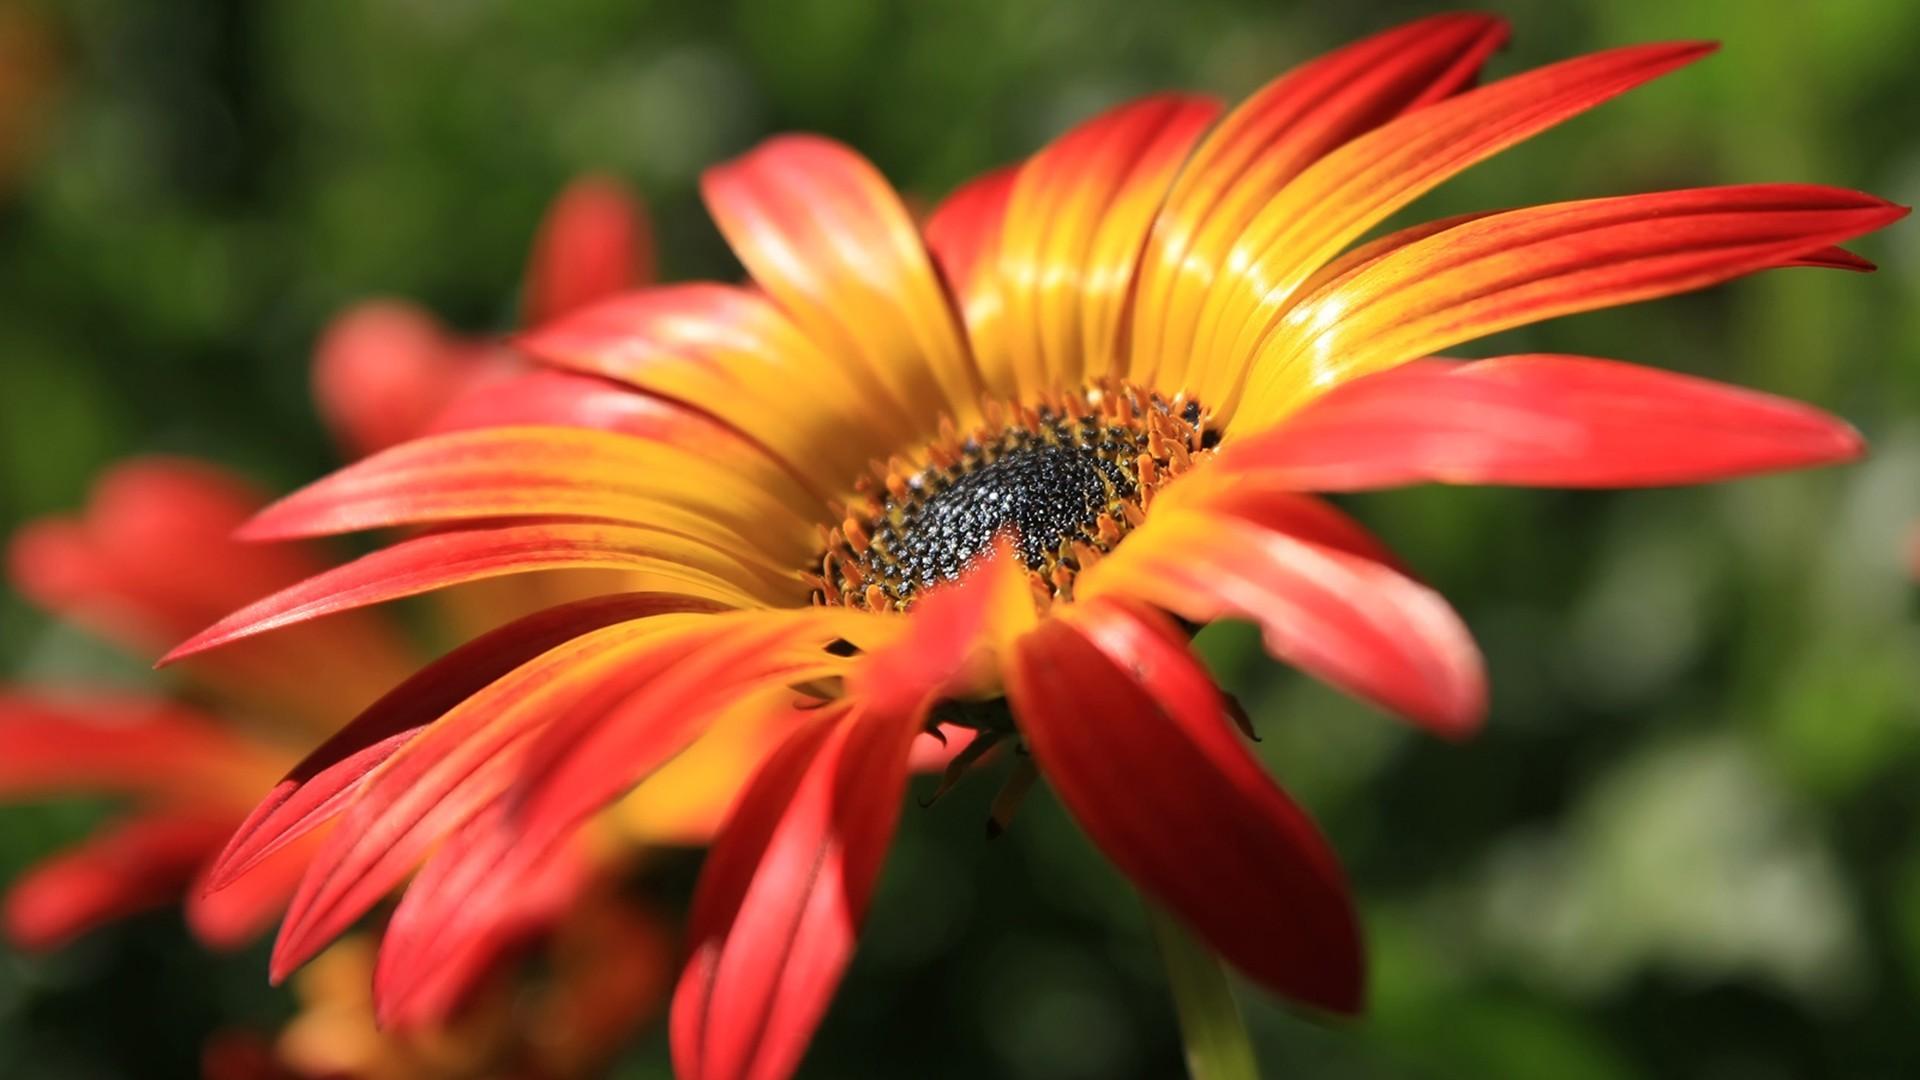 Yellow red flower macro